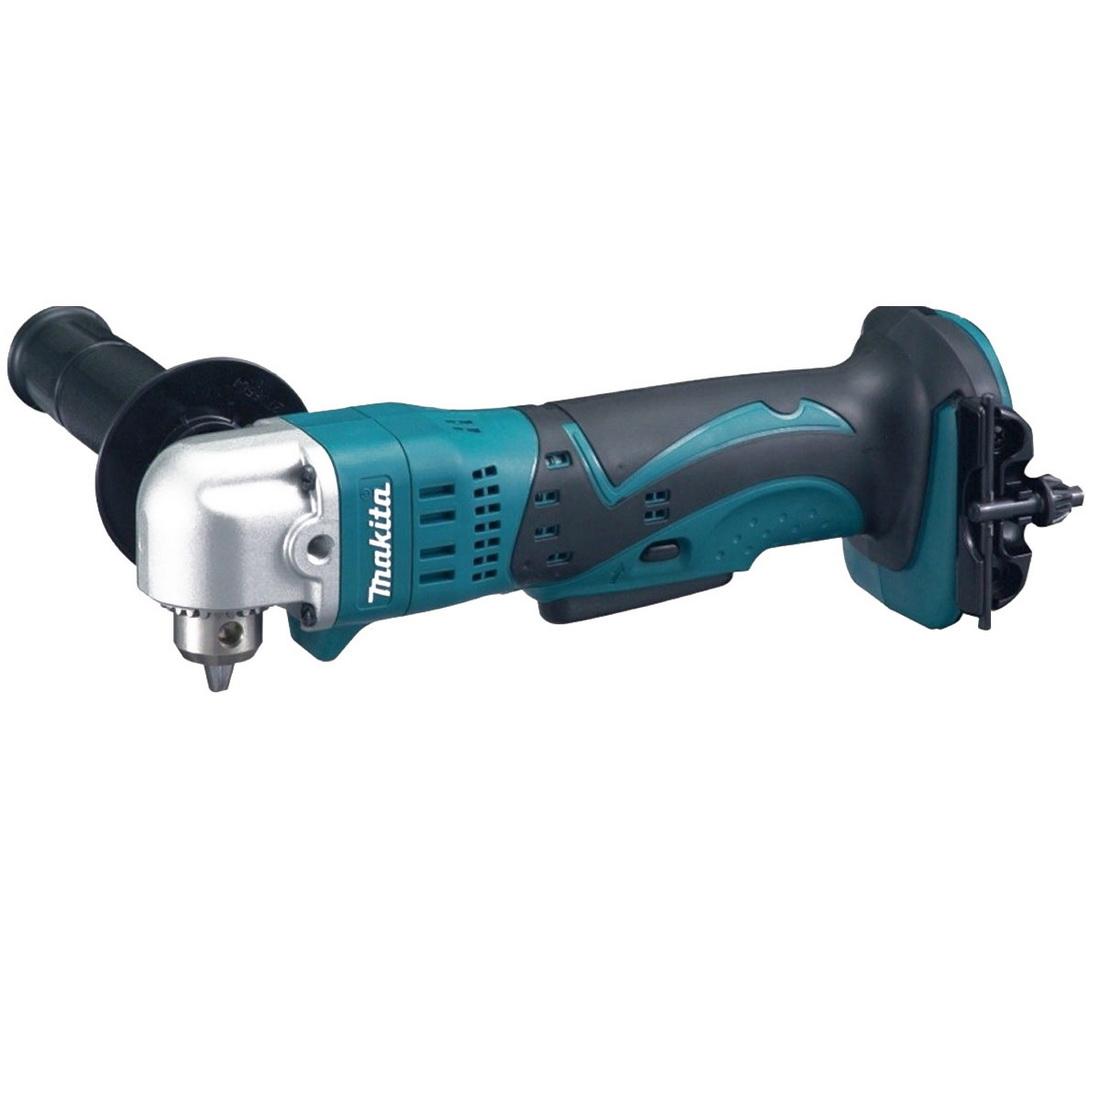 18V 10mm Cordless Angle Drill Skin